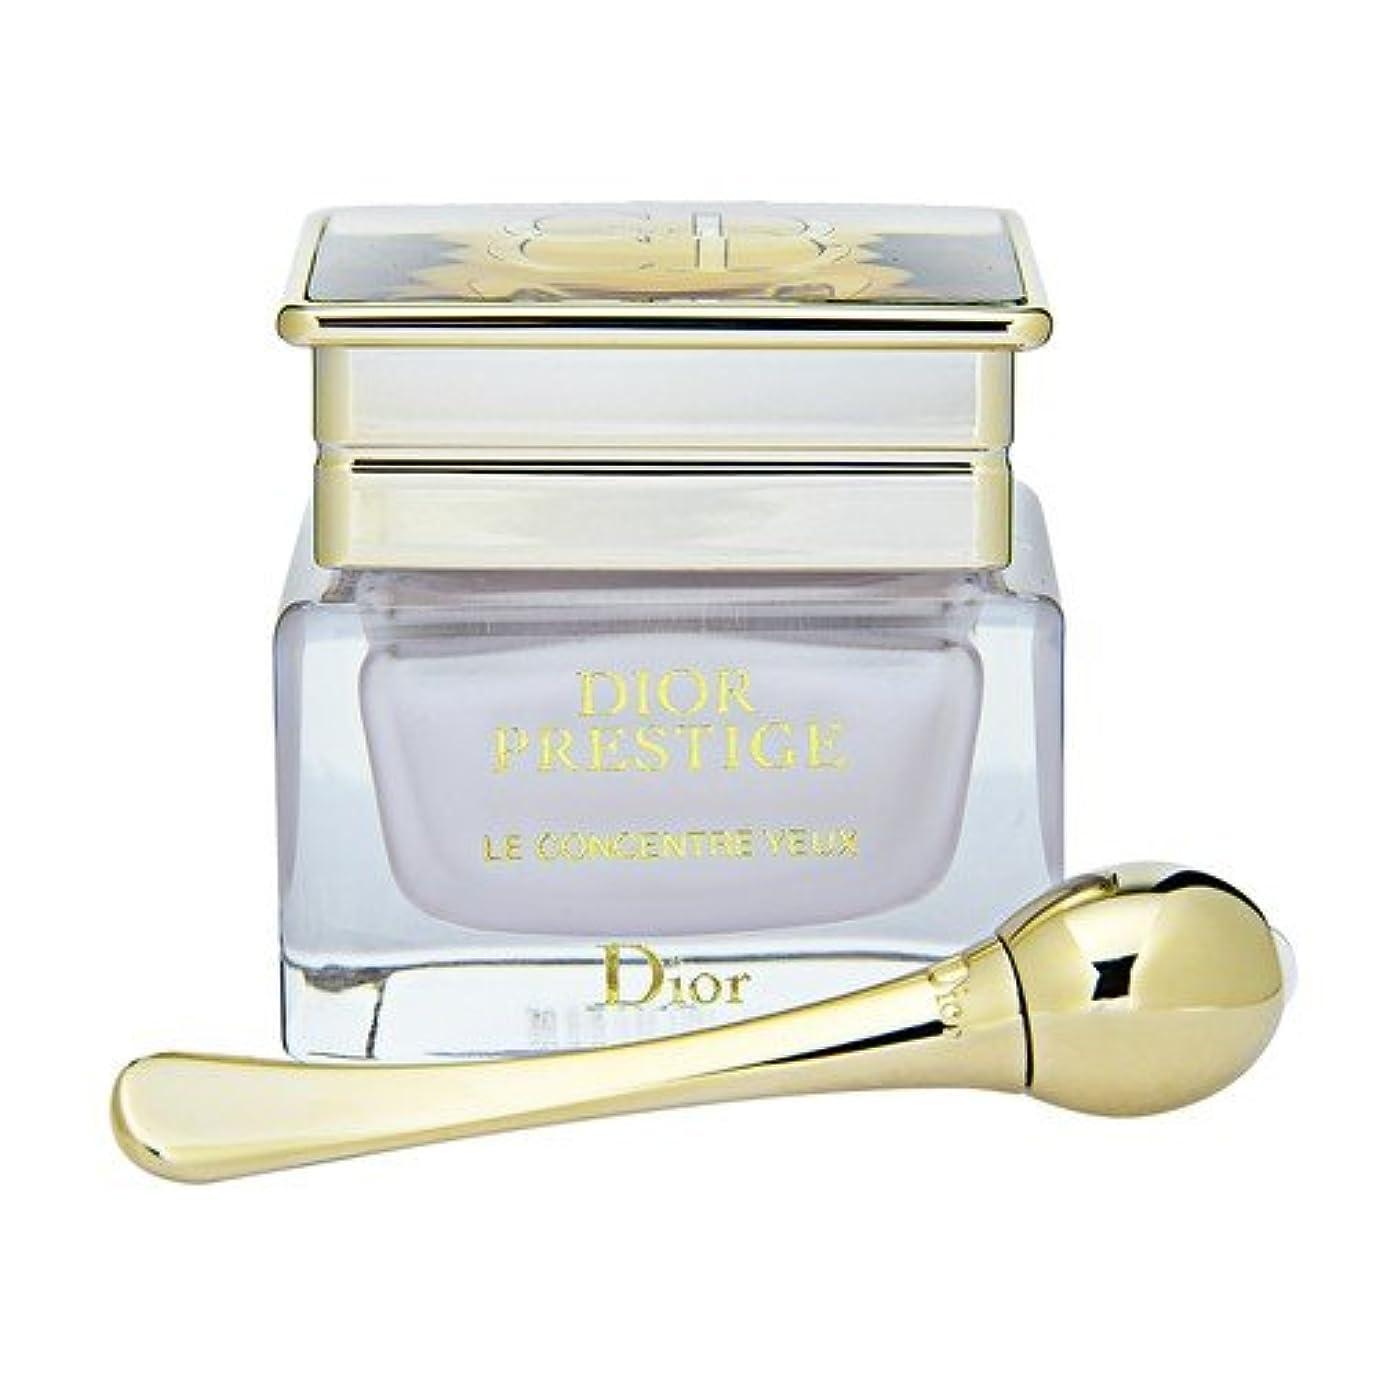 発音するモート遺伝的クリスチャン ディオール(Christian Dior) プレステージ ル コンサントレ ユー 15ml[並行輸入品]